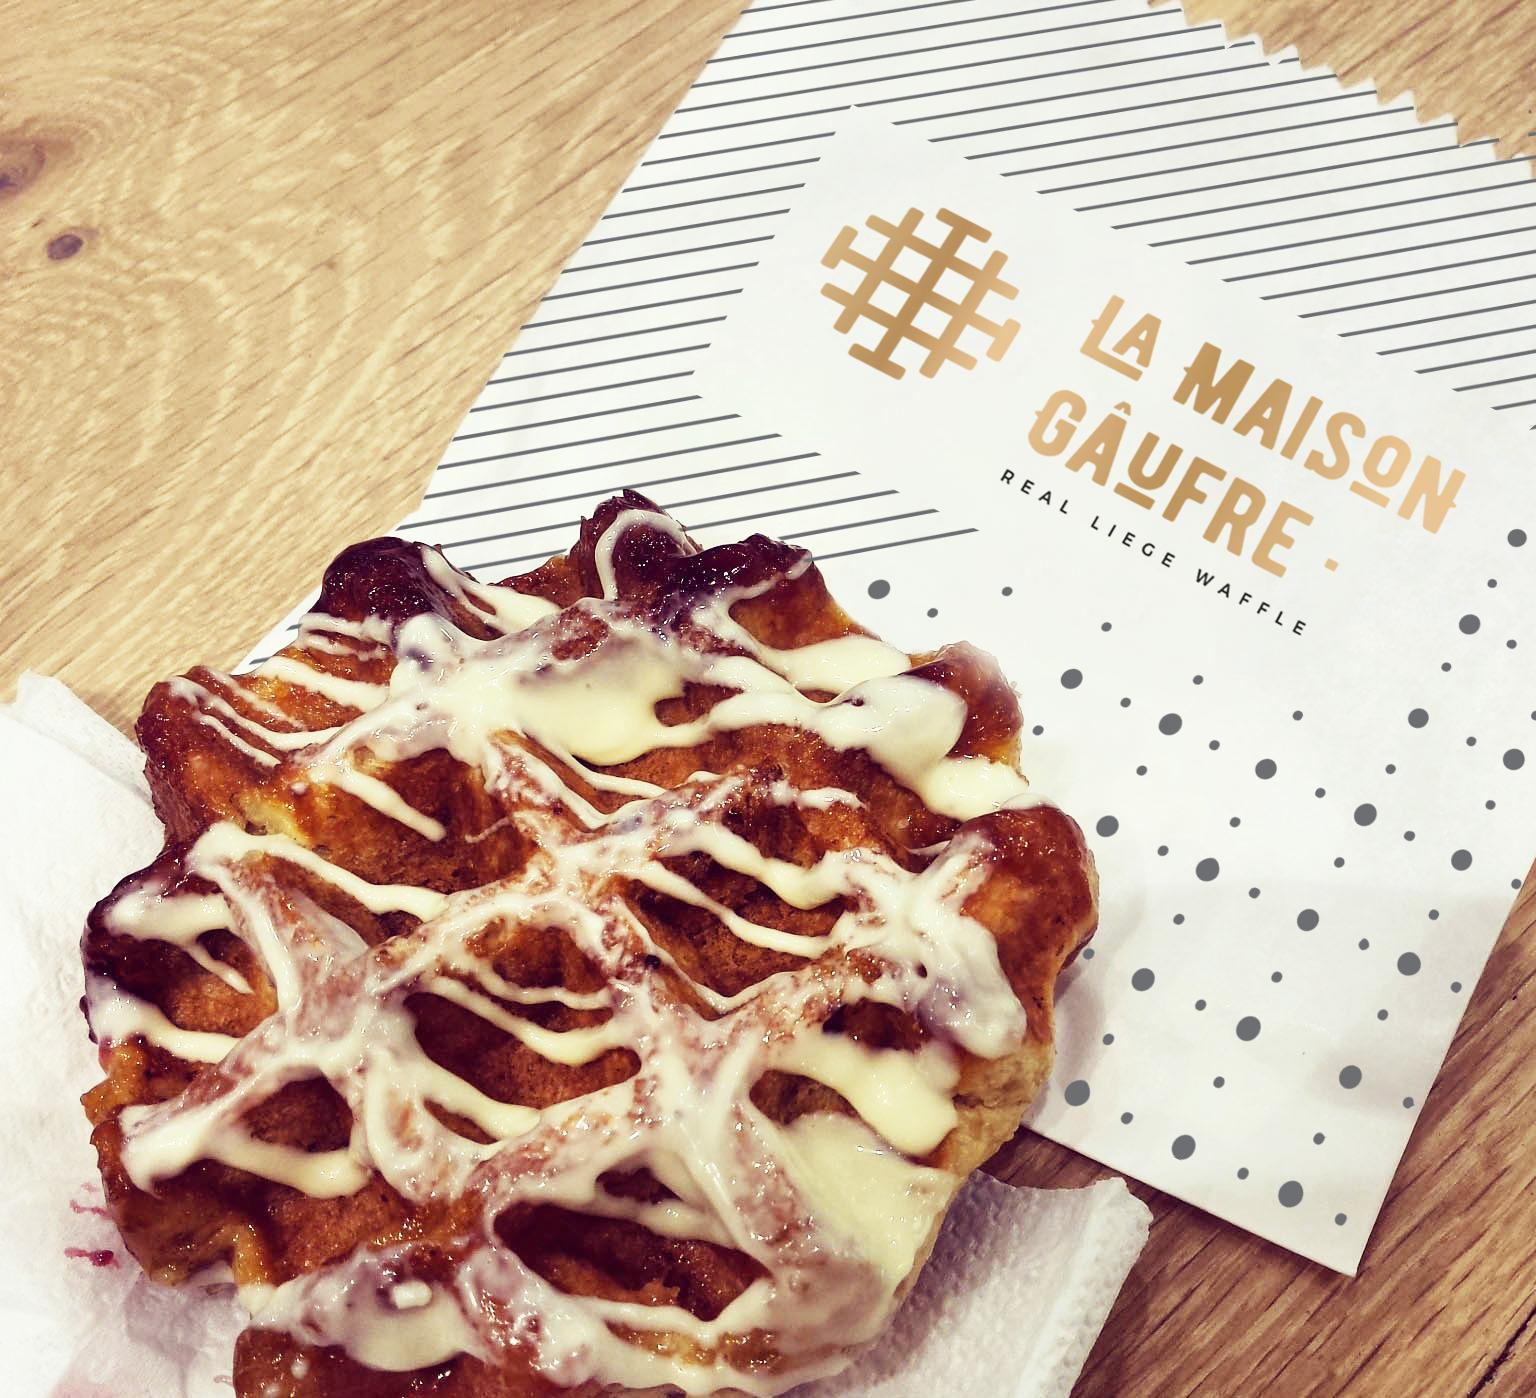 La Maison Gaufre Waffles de Liege listos para consumo